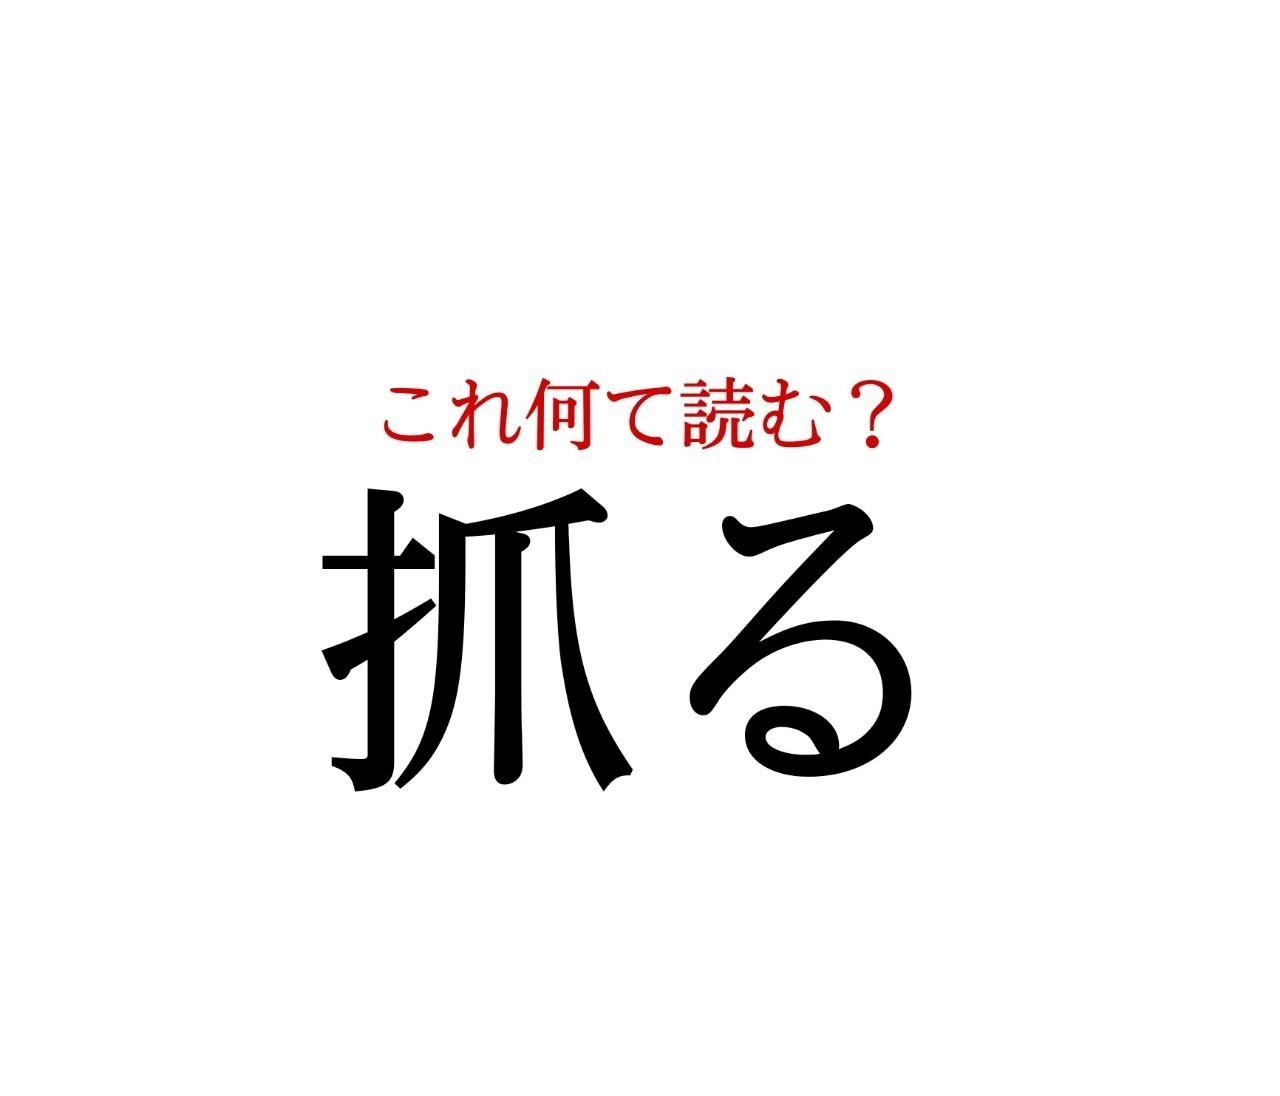 「抓る」:この漢字、自信を持って読めますか?【働く大人の漢字クイズvol.256】